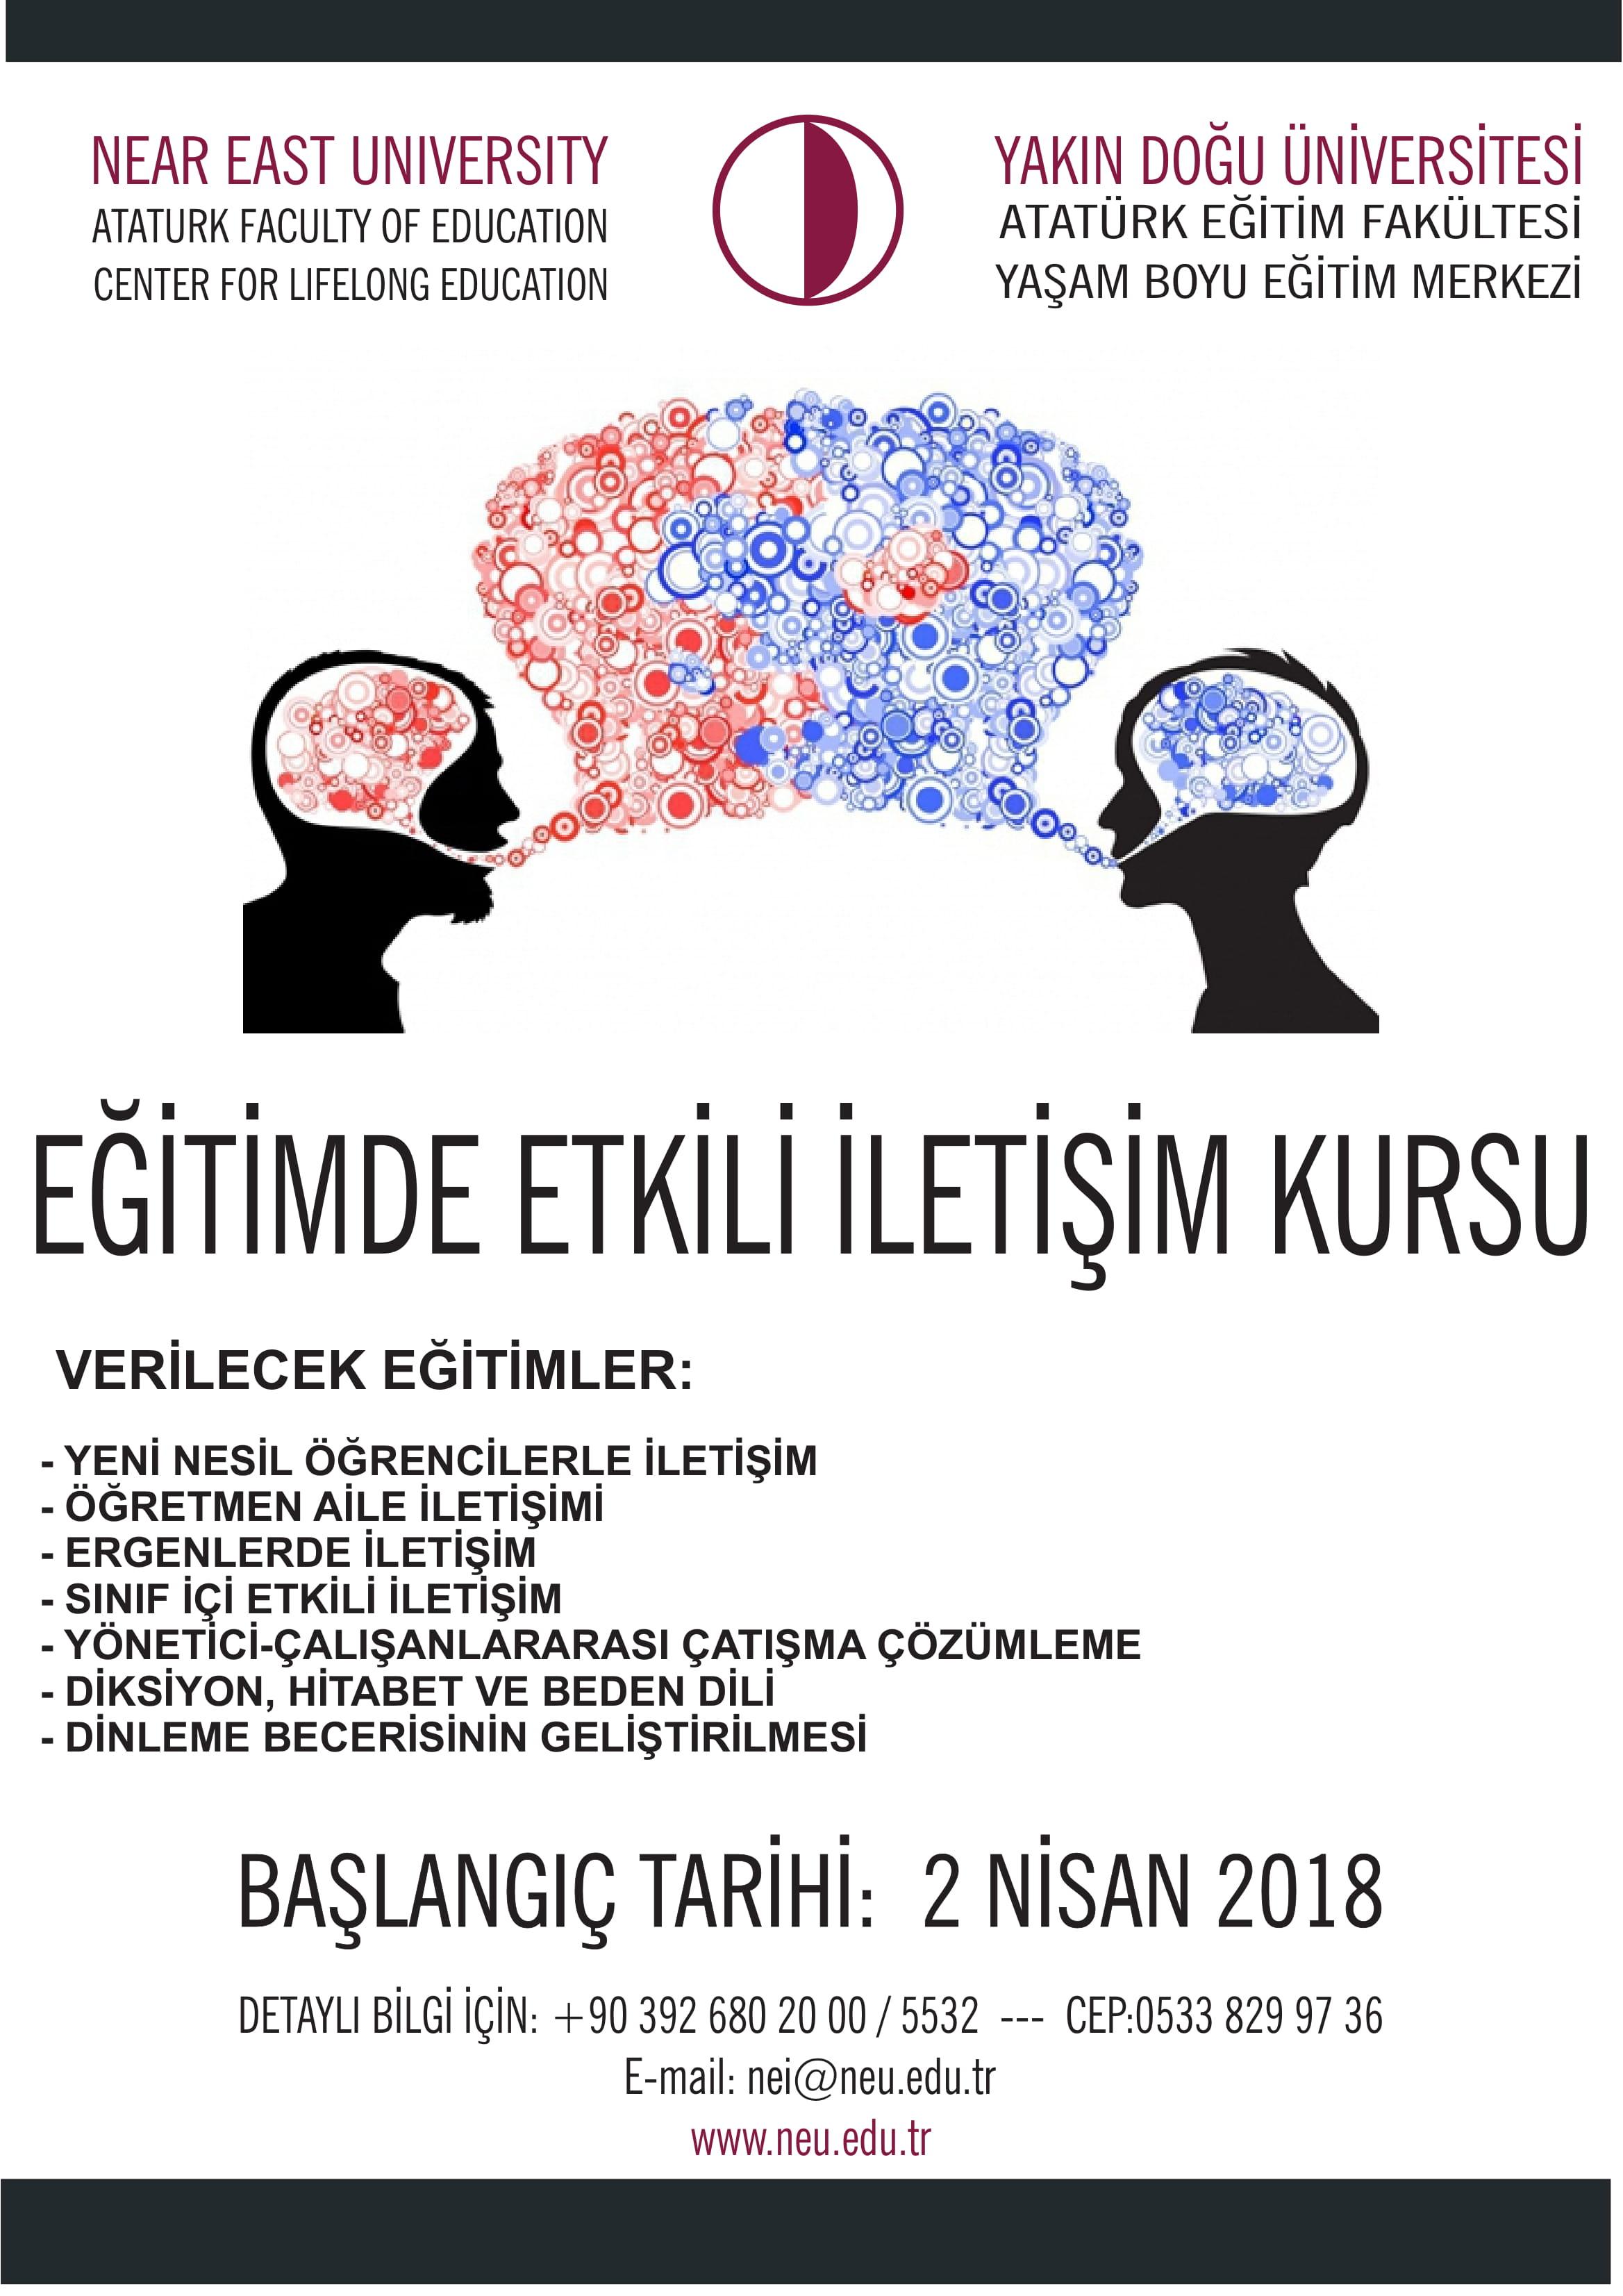 www neu edu